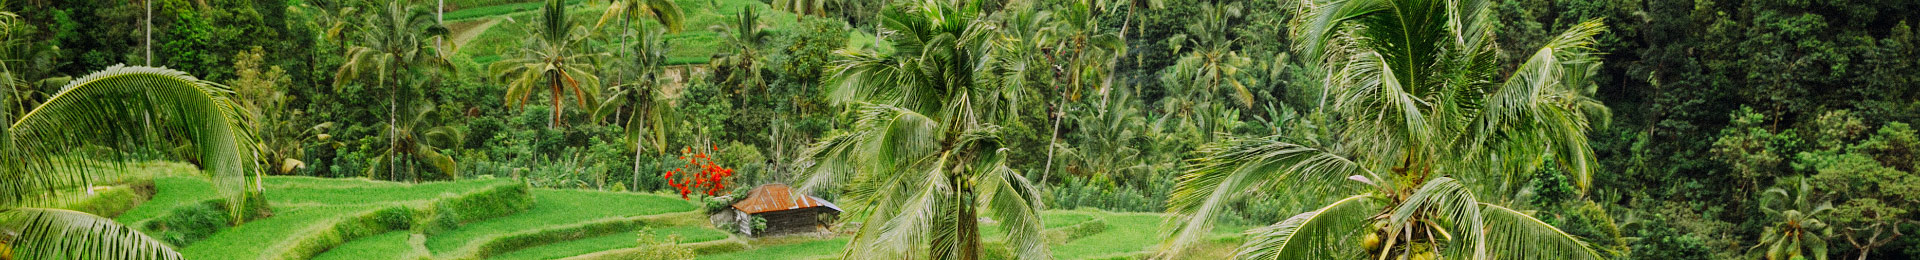 Магічний острів Балі: гори, джунглі, океан